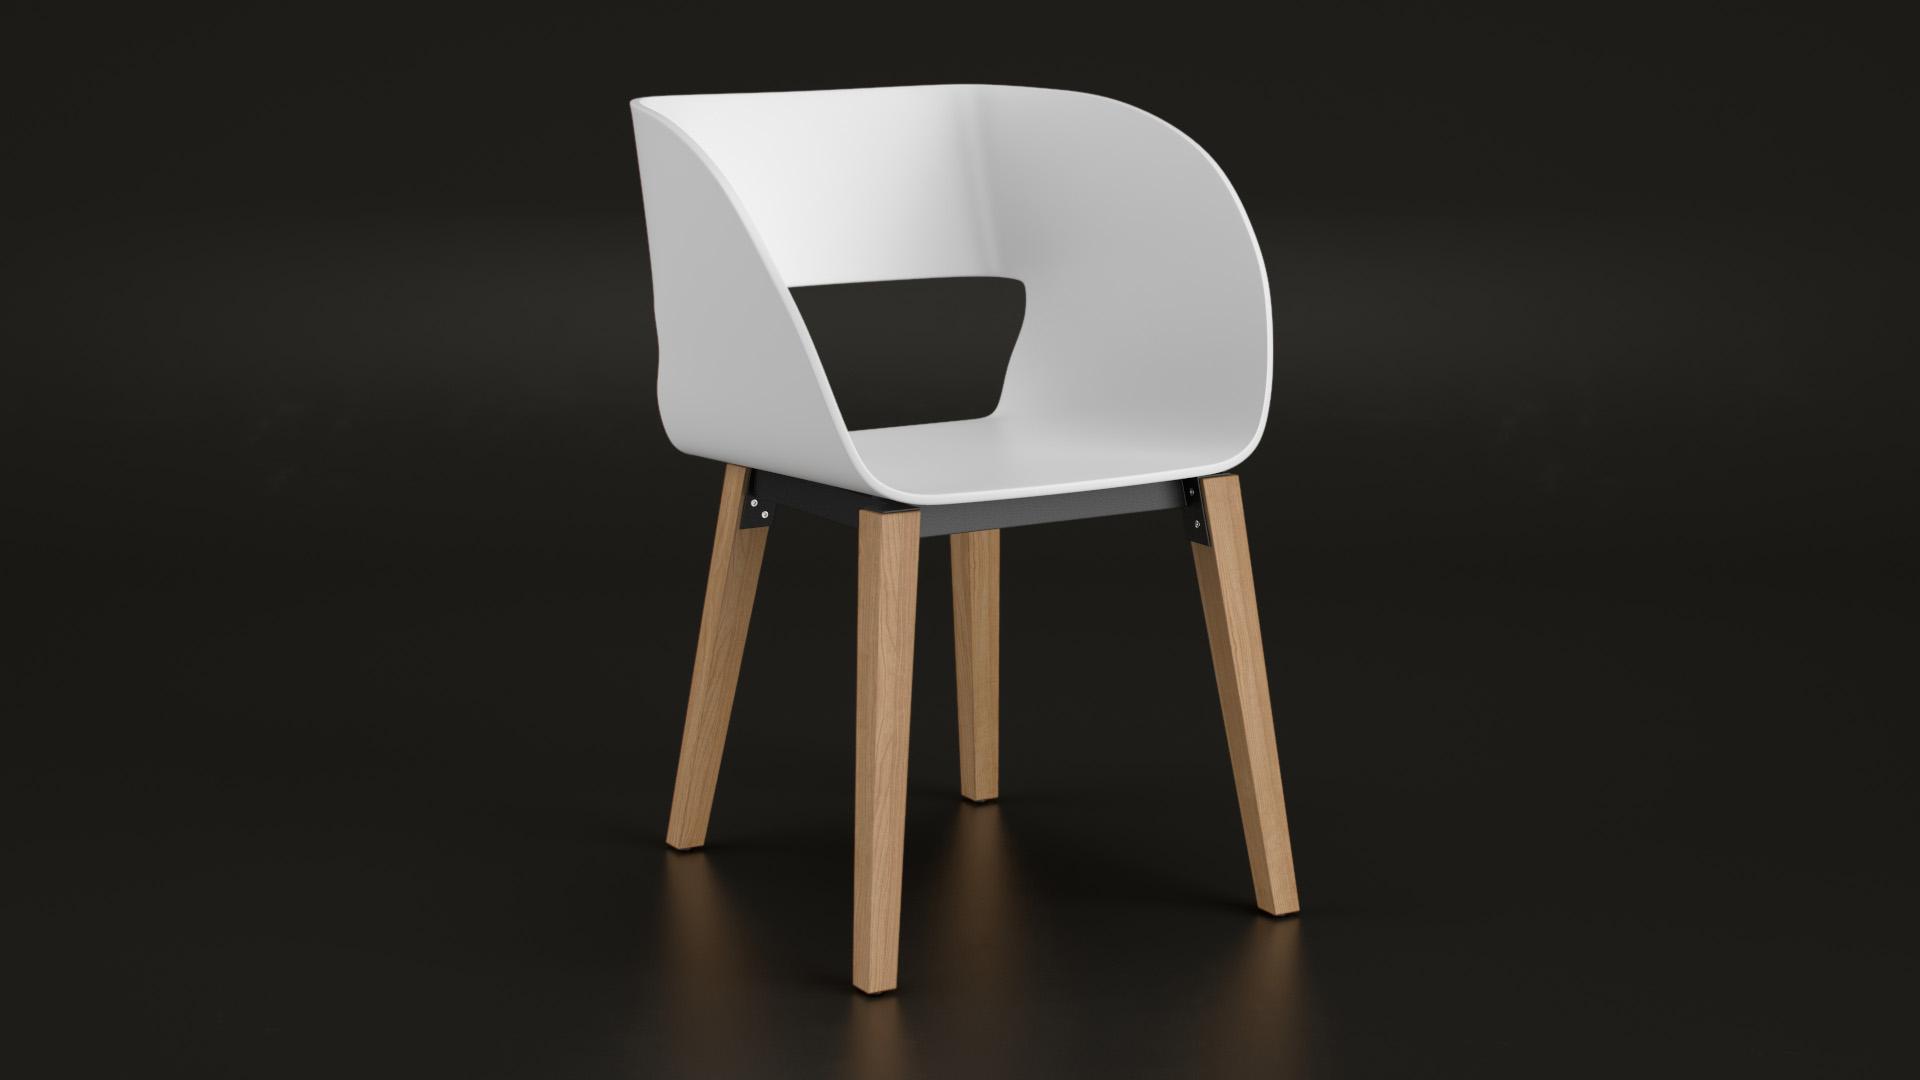 Tribu_Vintage_Chair_TeakLegs_BlackSet_01_V1.01_0000